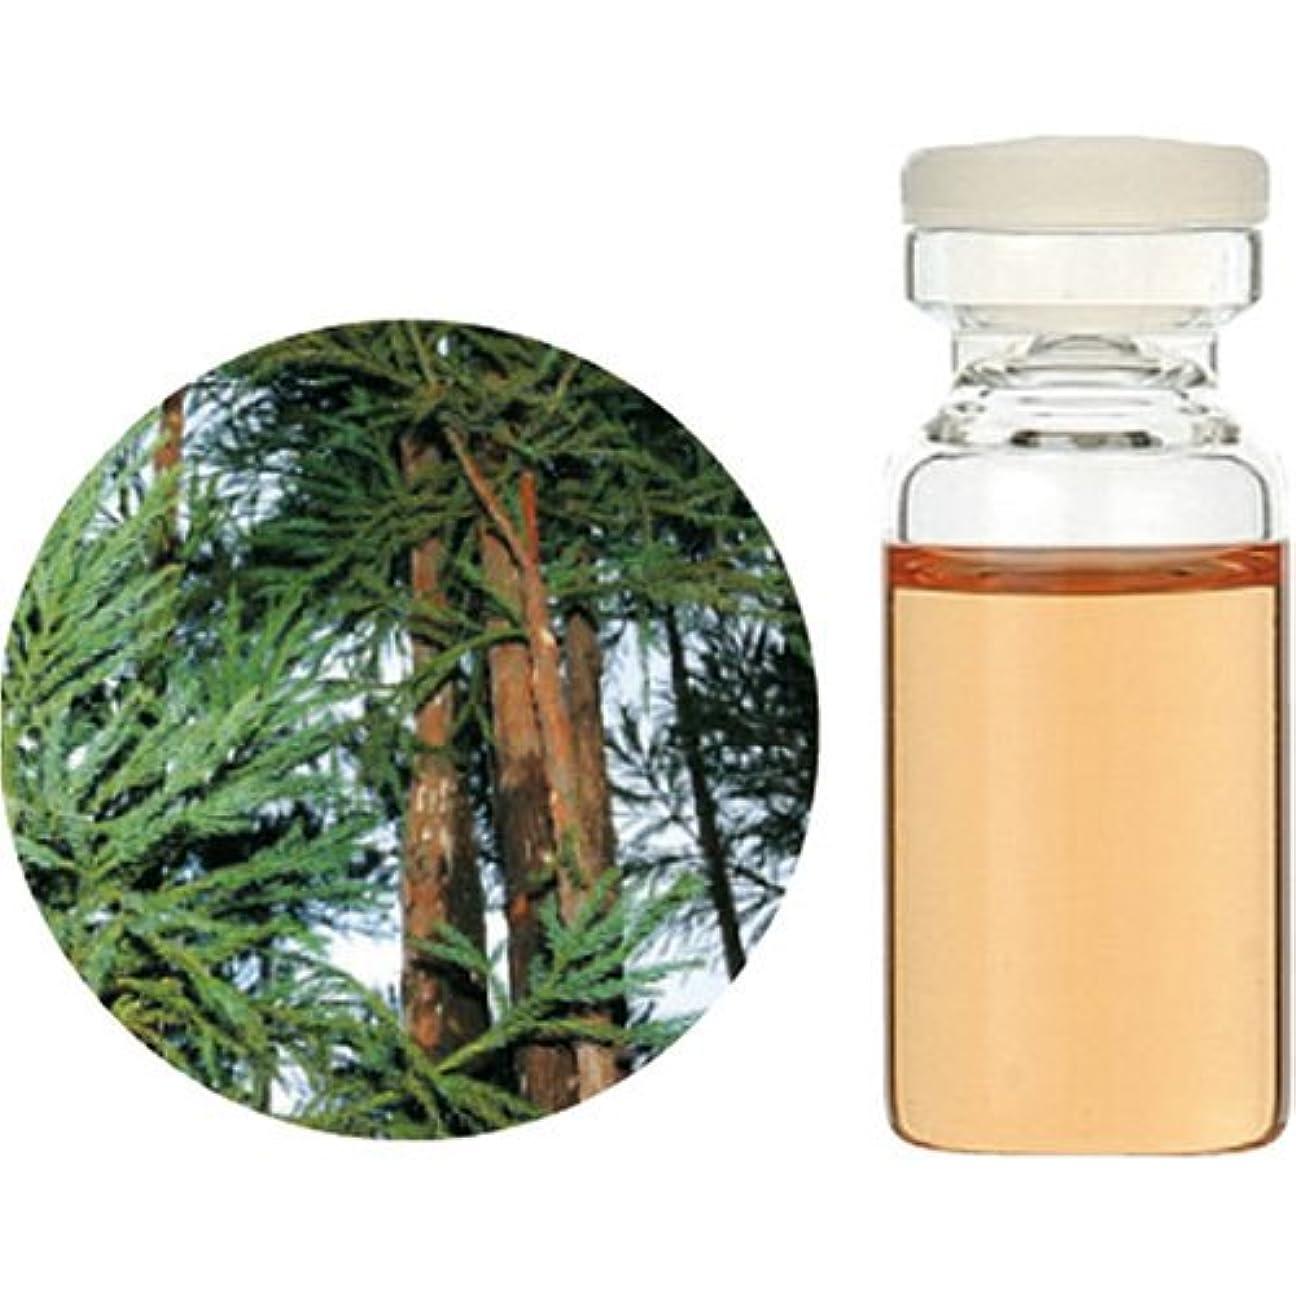 投げ捨てるテーマ物理的に生活の木 C 和精油 杉 (木部) エッセンシャルオイル 10ml